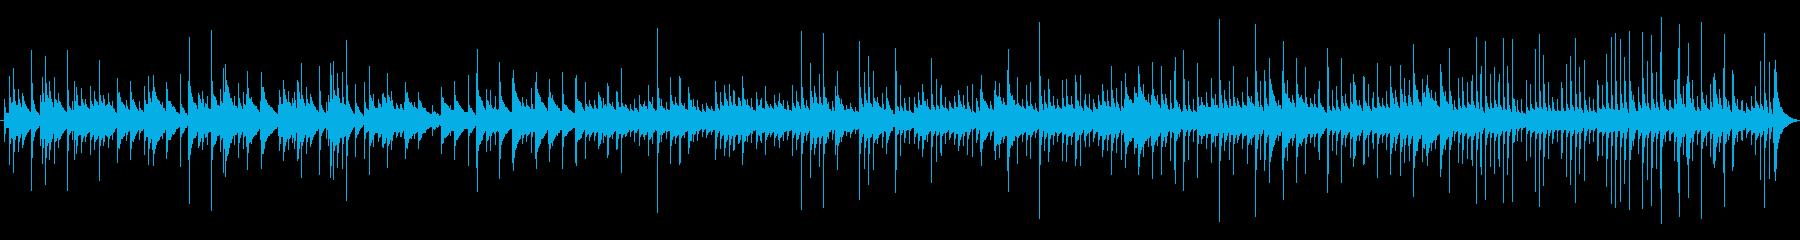 【明るいオルゴール】汎用性のあるループ曲の再生済みの波形